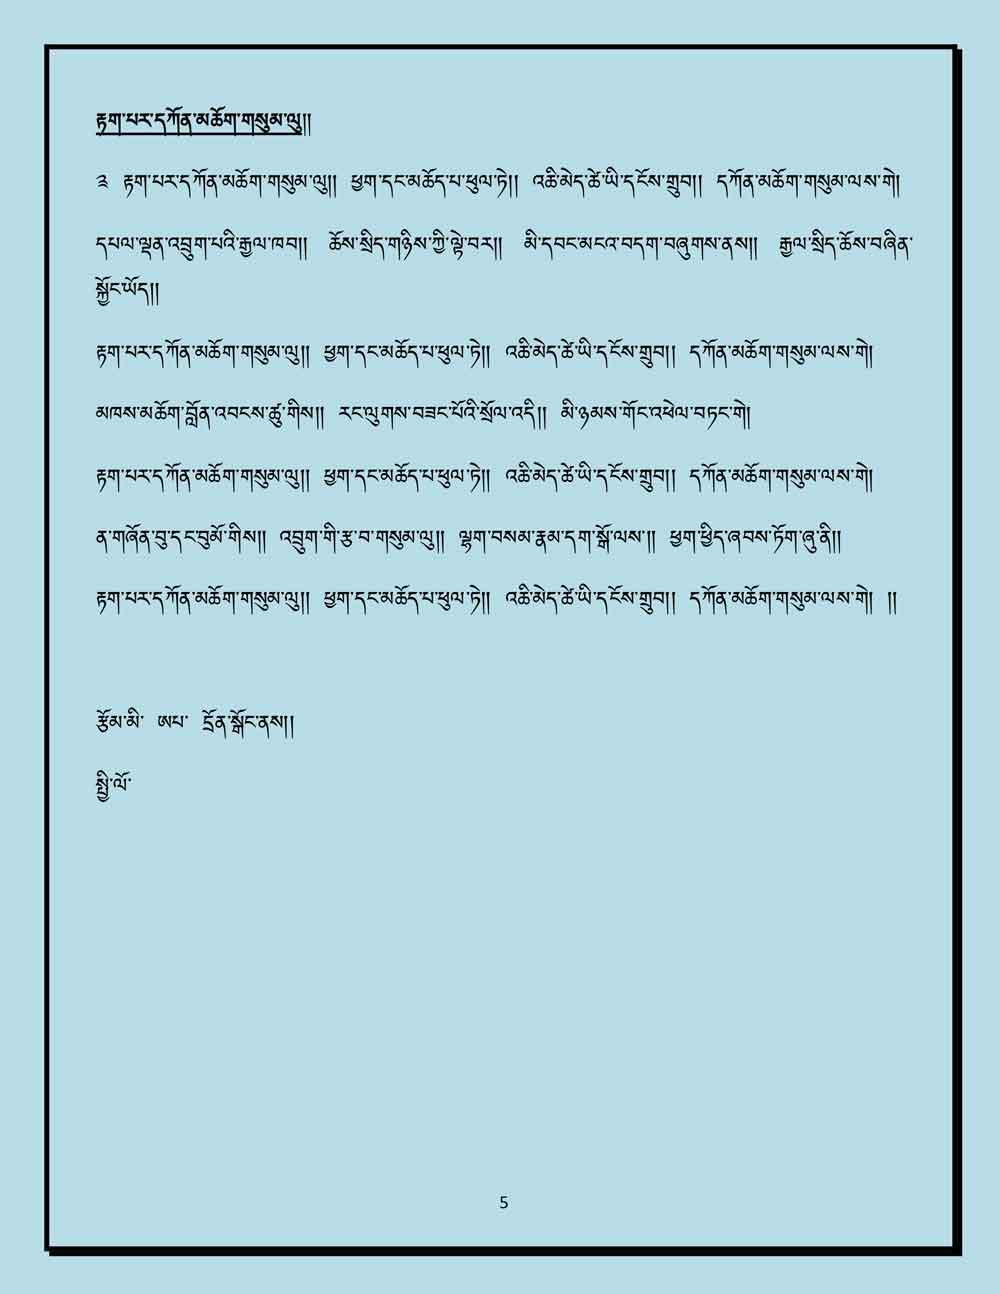 Ap-Dengo-Lyrics-5.jpg